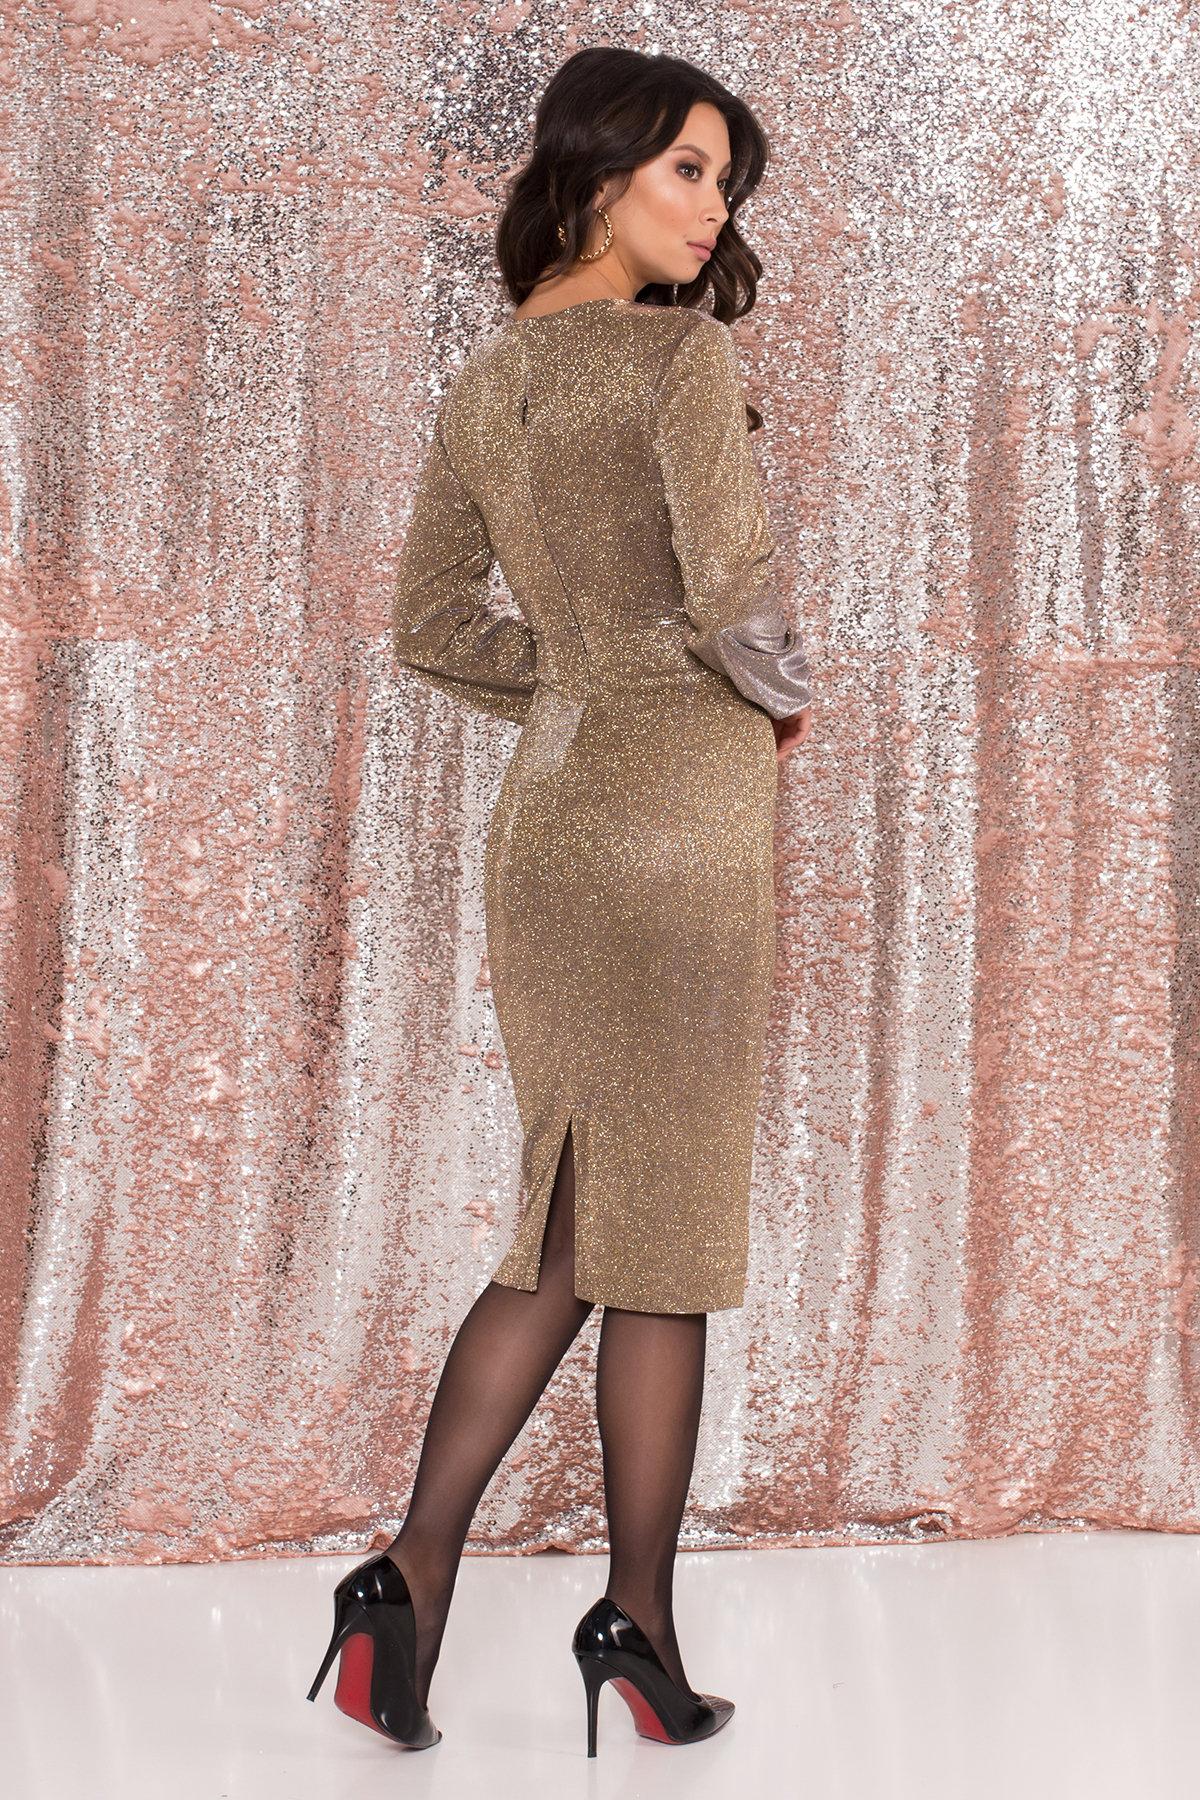 Нарядное платье с люрексом Фаселис 8527 АРТ. 44894 Цвет: Золото/серебро - фото 3, интернет магазин tm-modus.ru